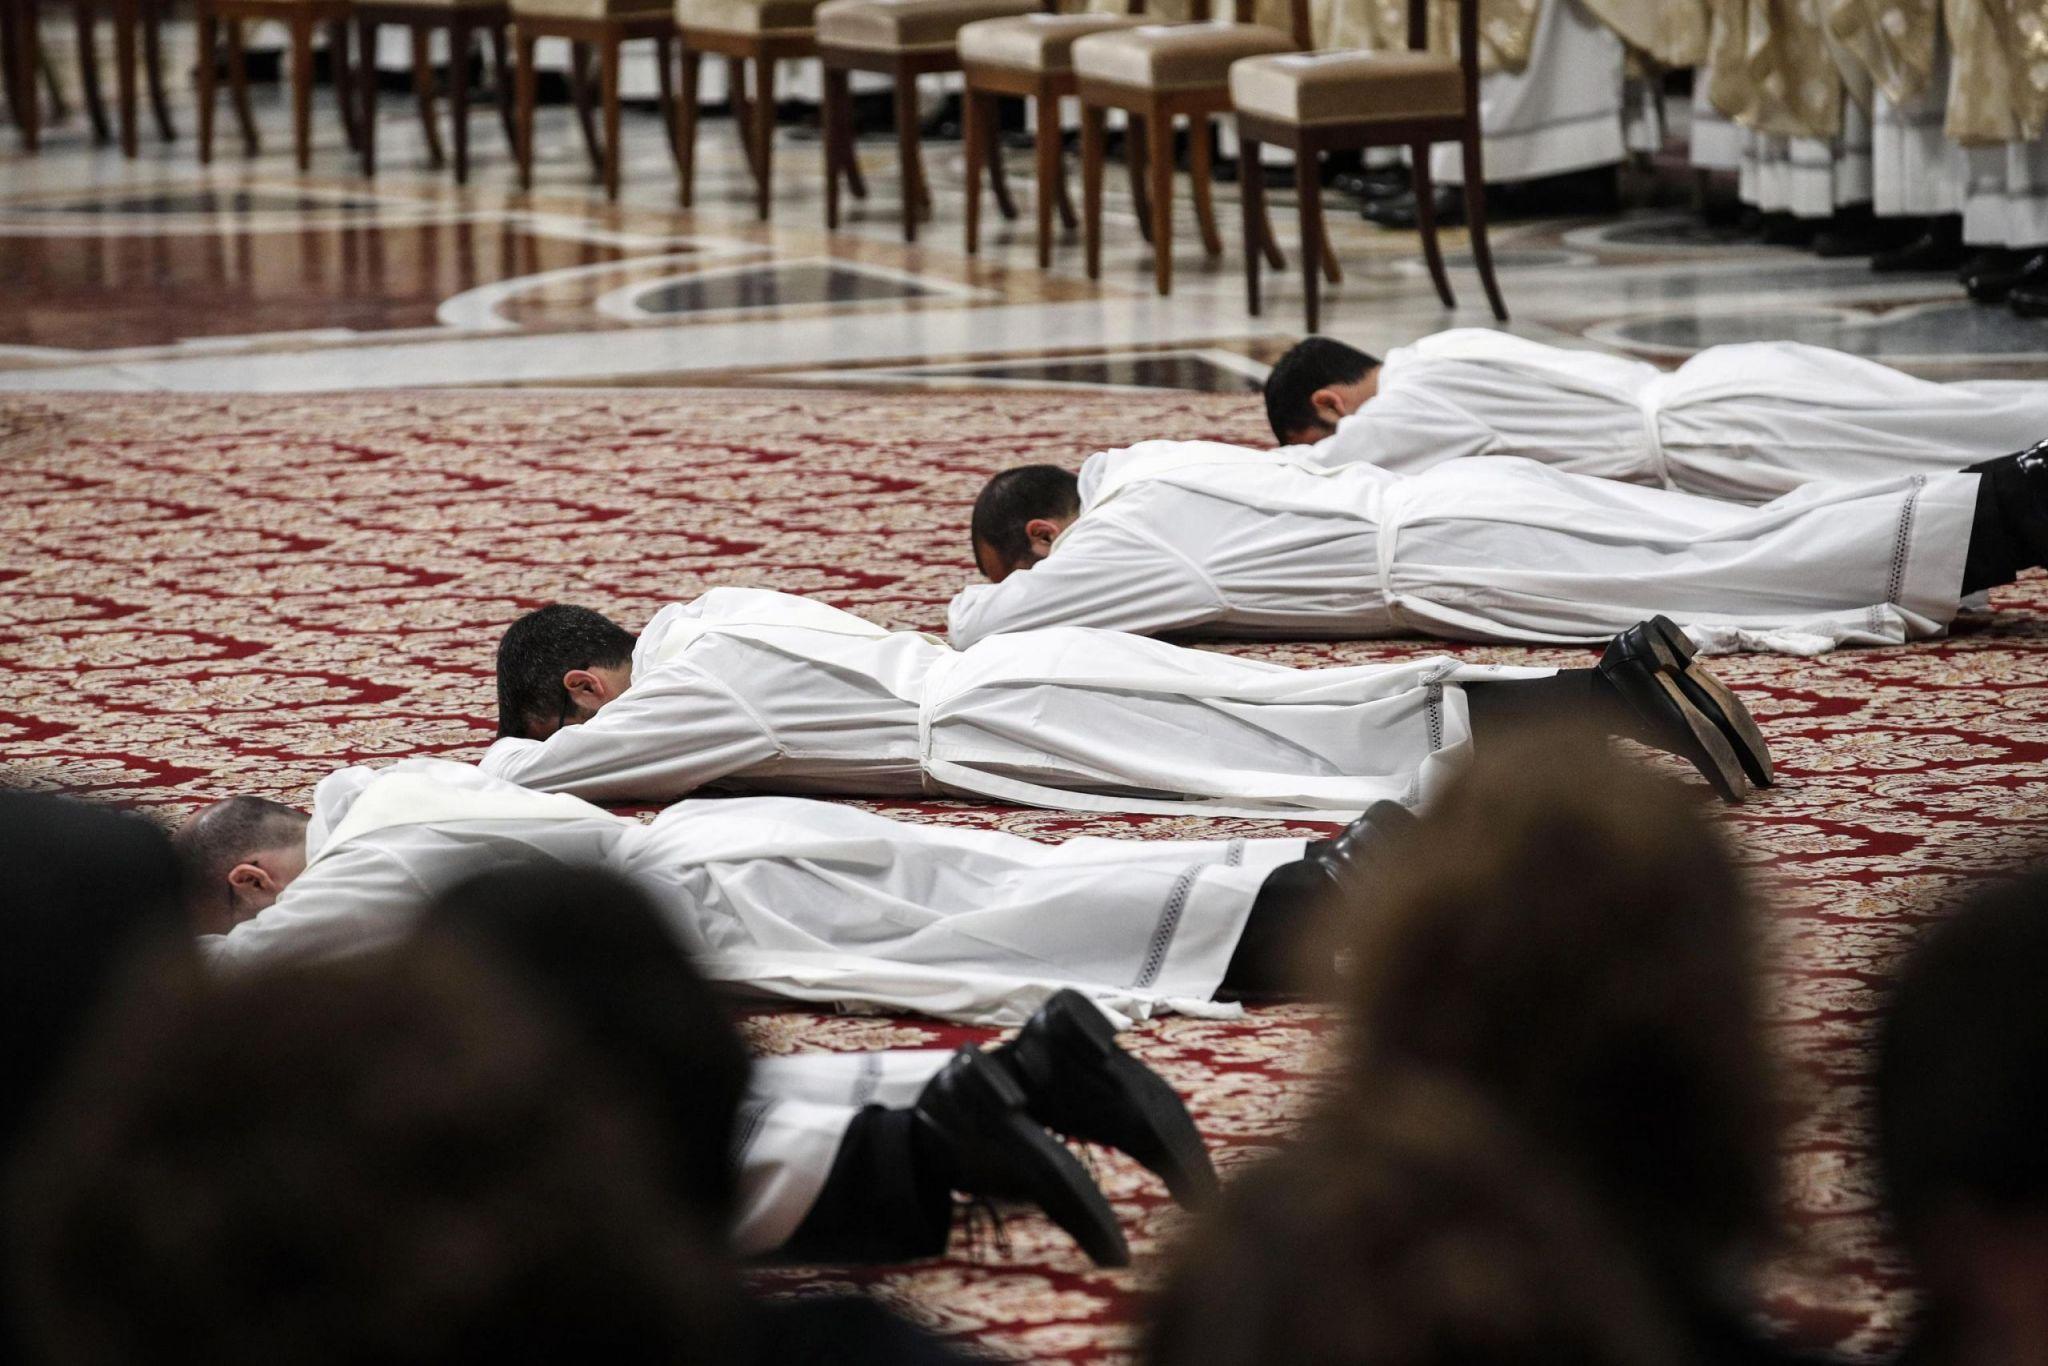 Papszentelés Vatikánvárosban